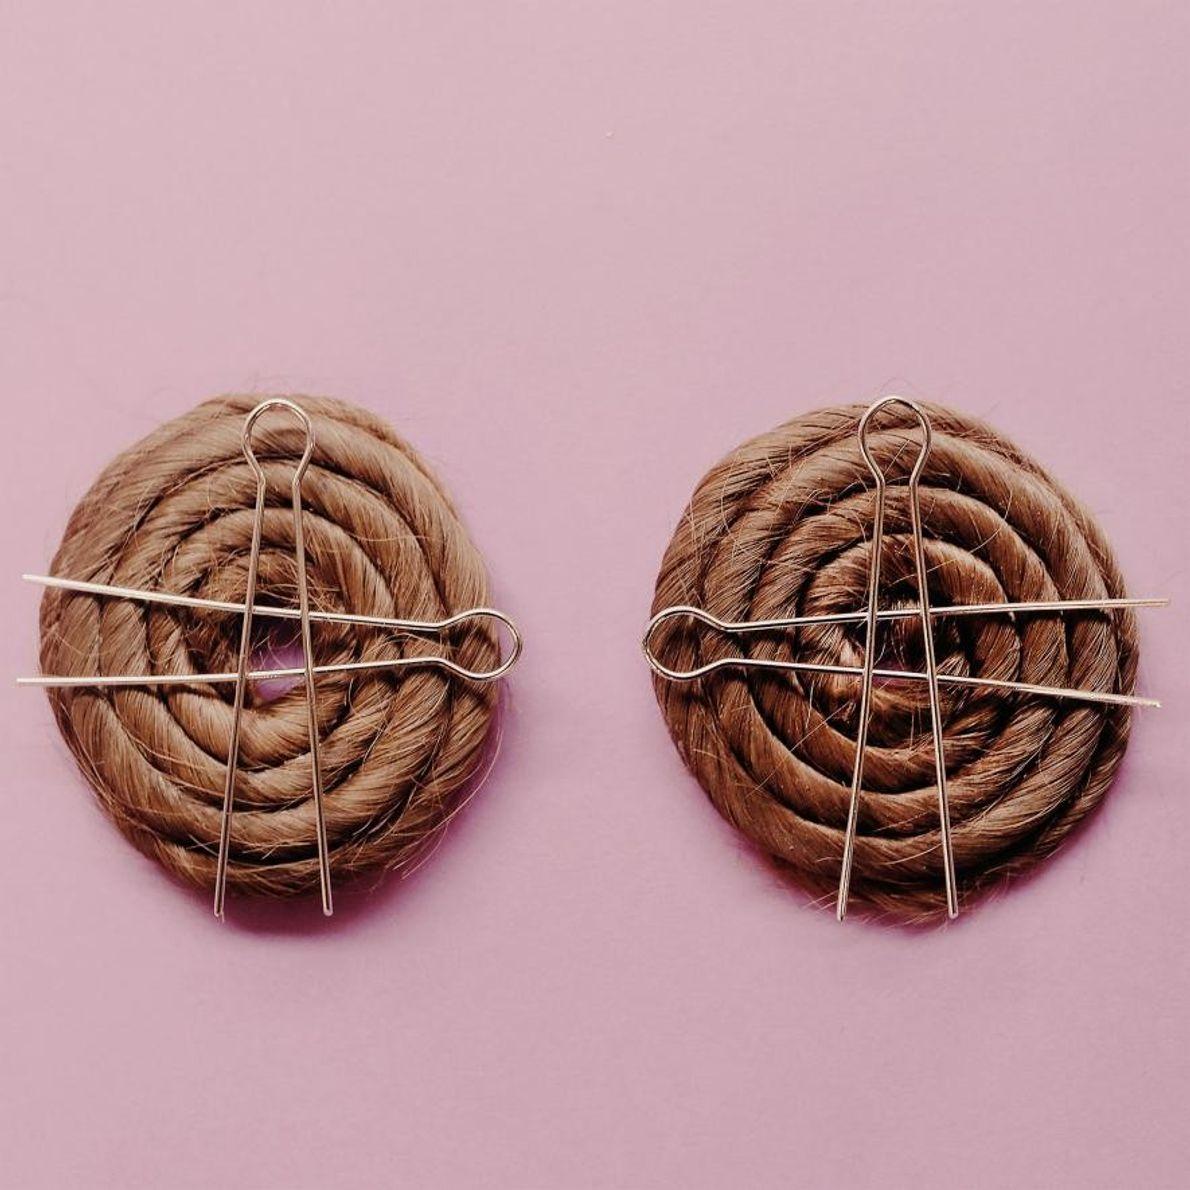 Ces « moños », des chignons plats faits à partir de mèches de cheveux entortillées sur ...